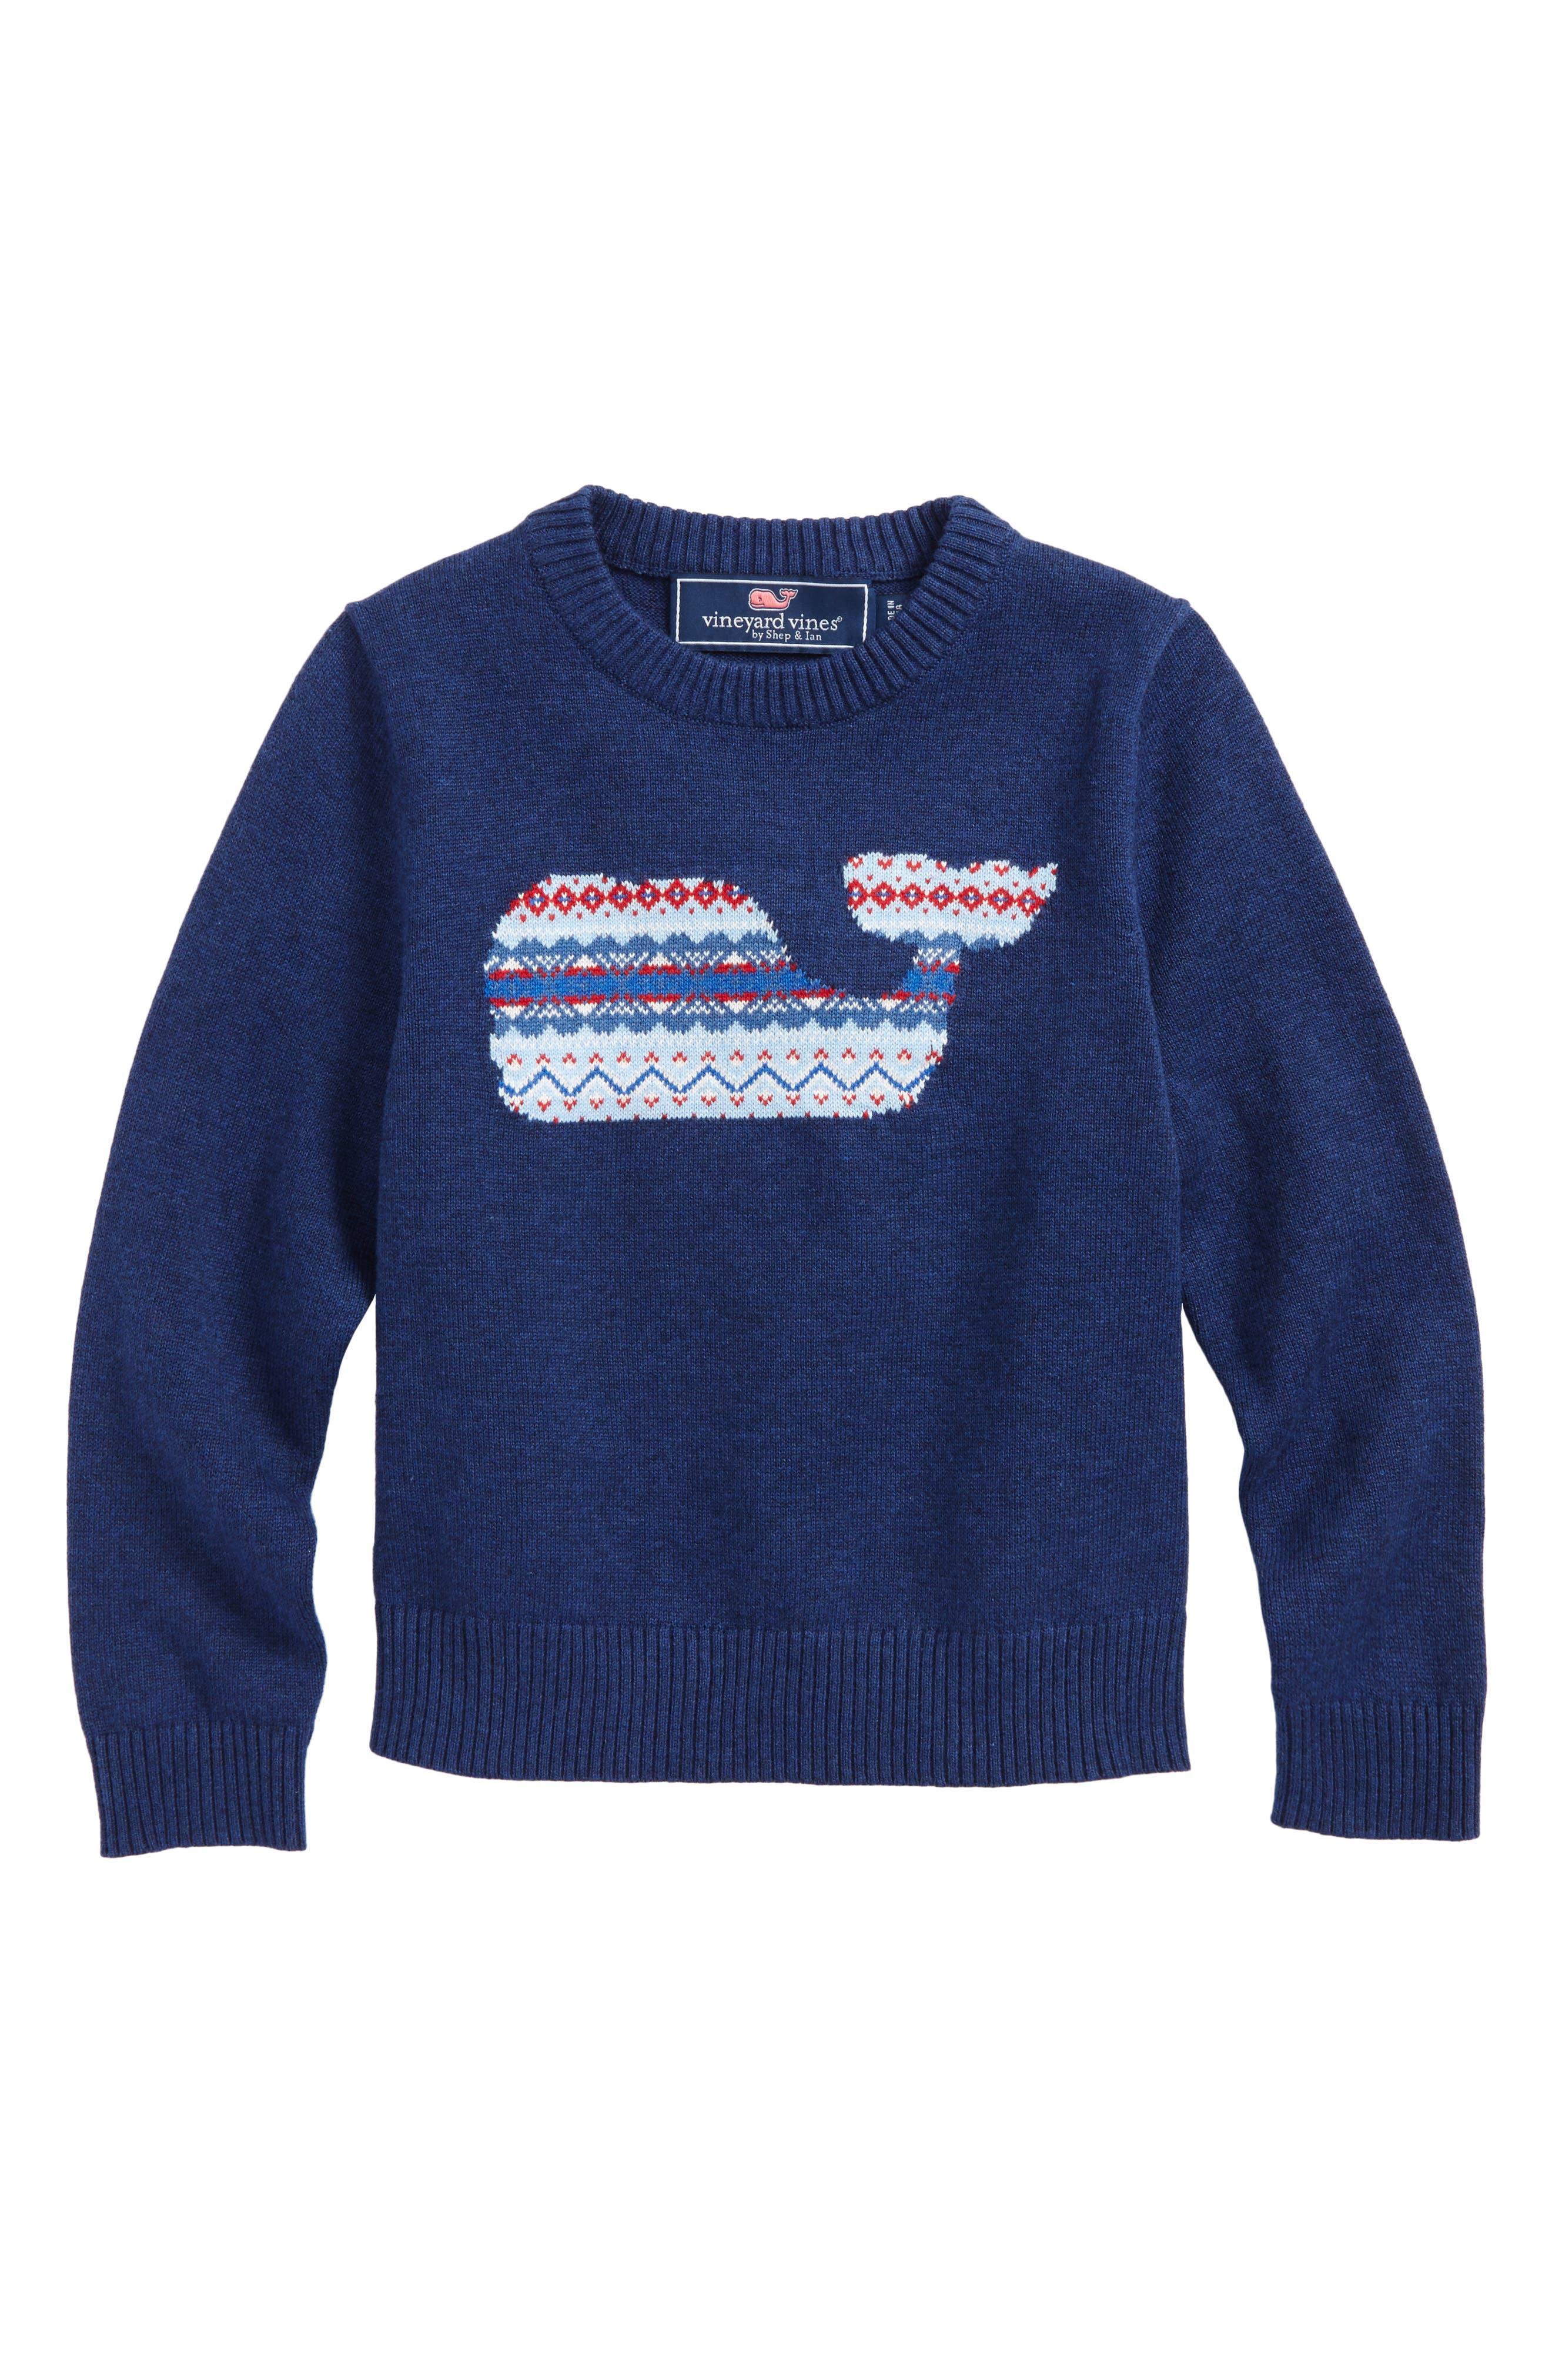 Whale Isle Intarsia Sweater,                             Main thumbnail 1, color,                             400